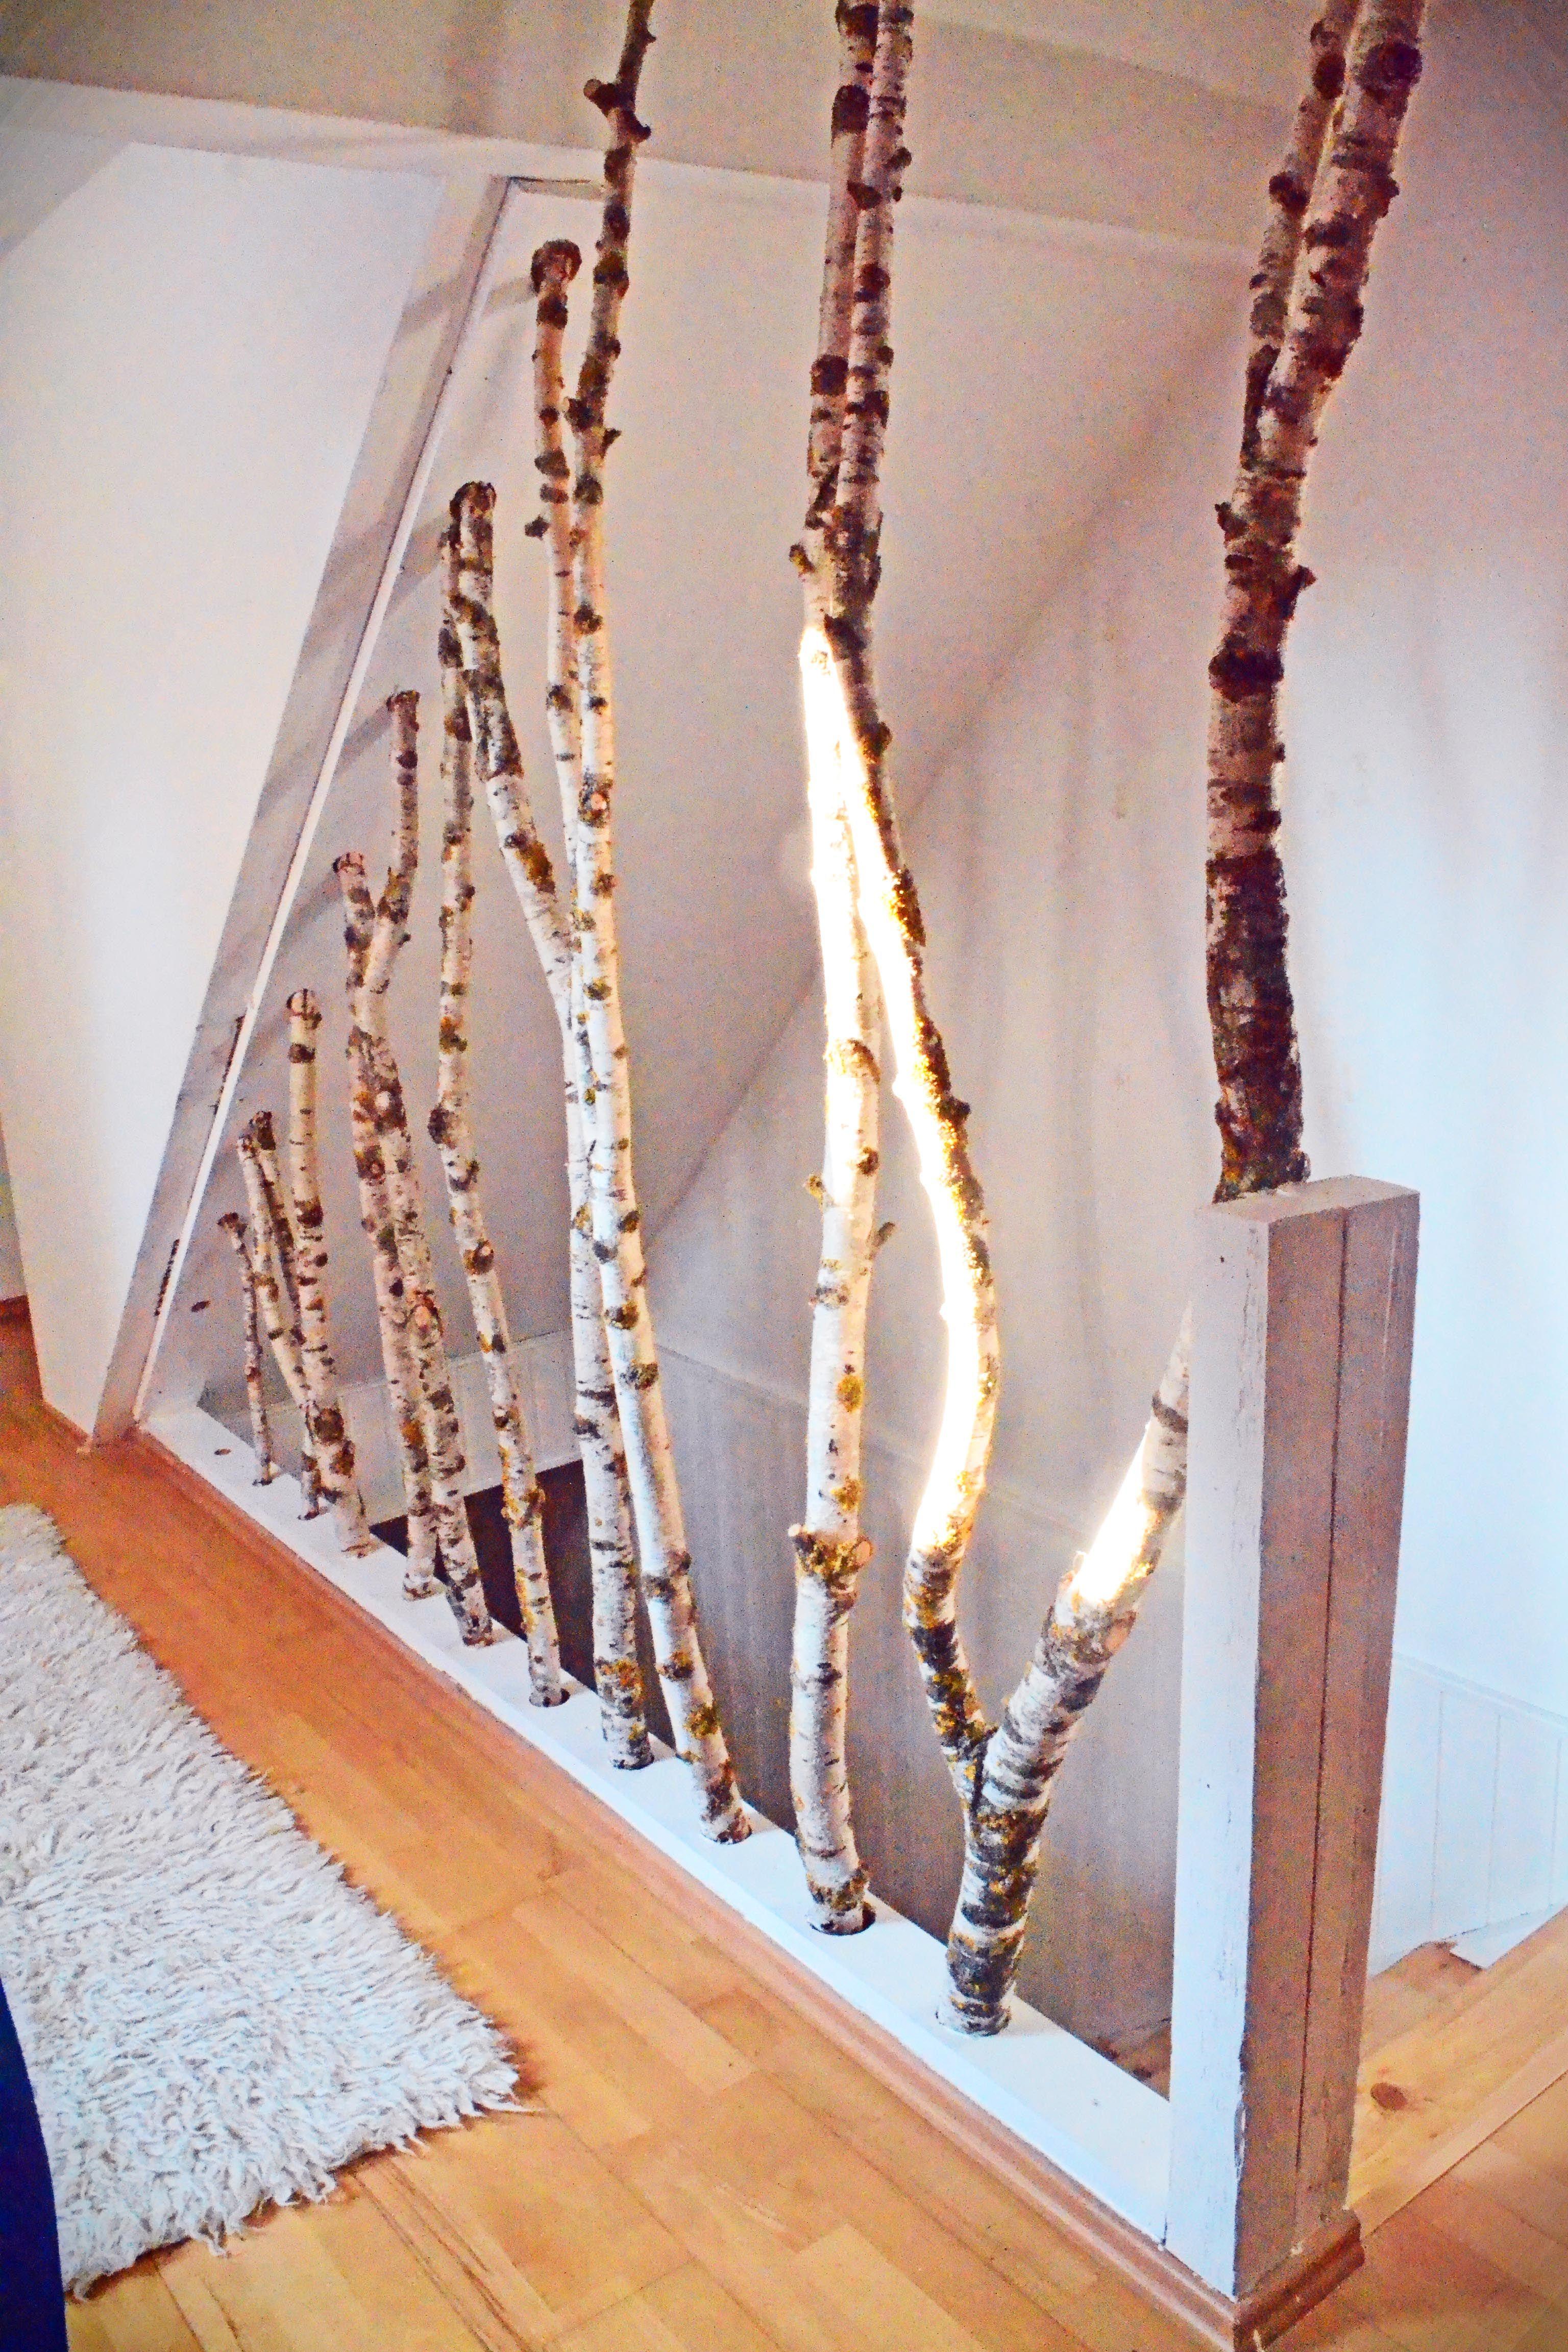 Kreatives Treppengelander Aste Als Trennwand Und Dekoelement Fur Die Treppe Treppengelander Ideen Holztreppe Trennwand